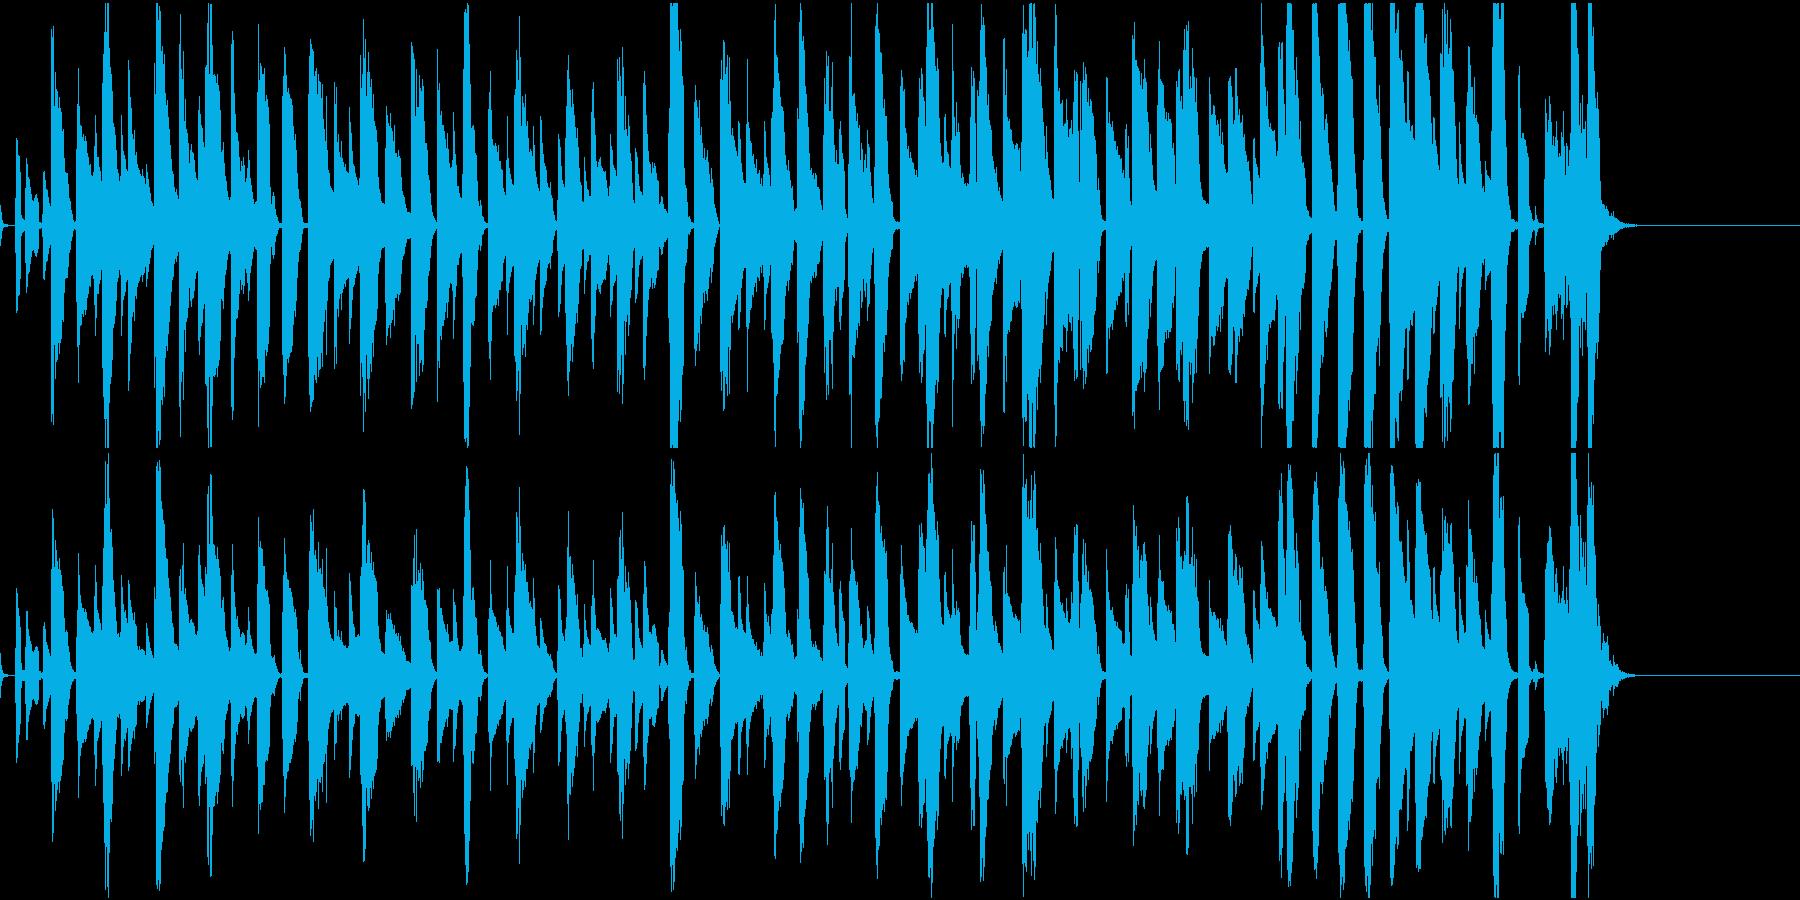 動物系かわいいポップの再生済みの波形